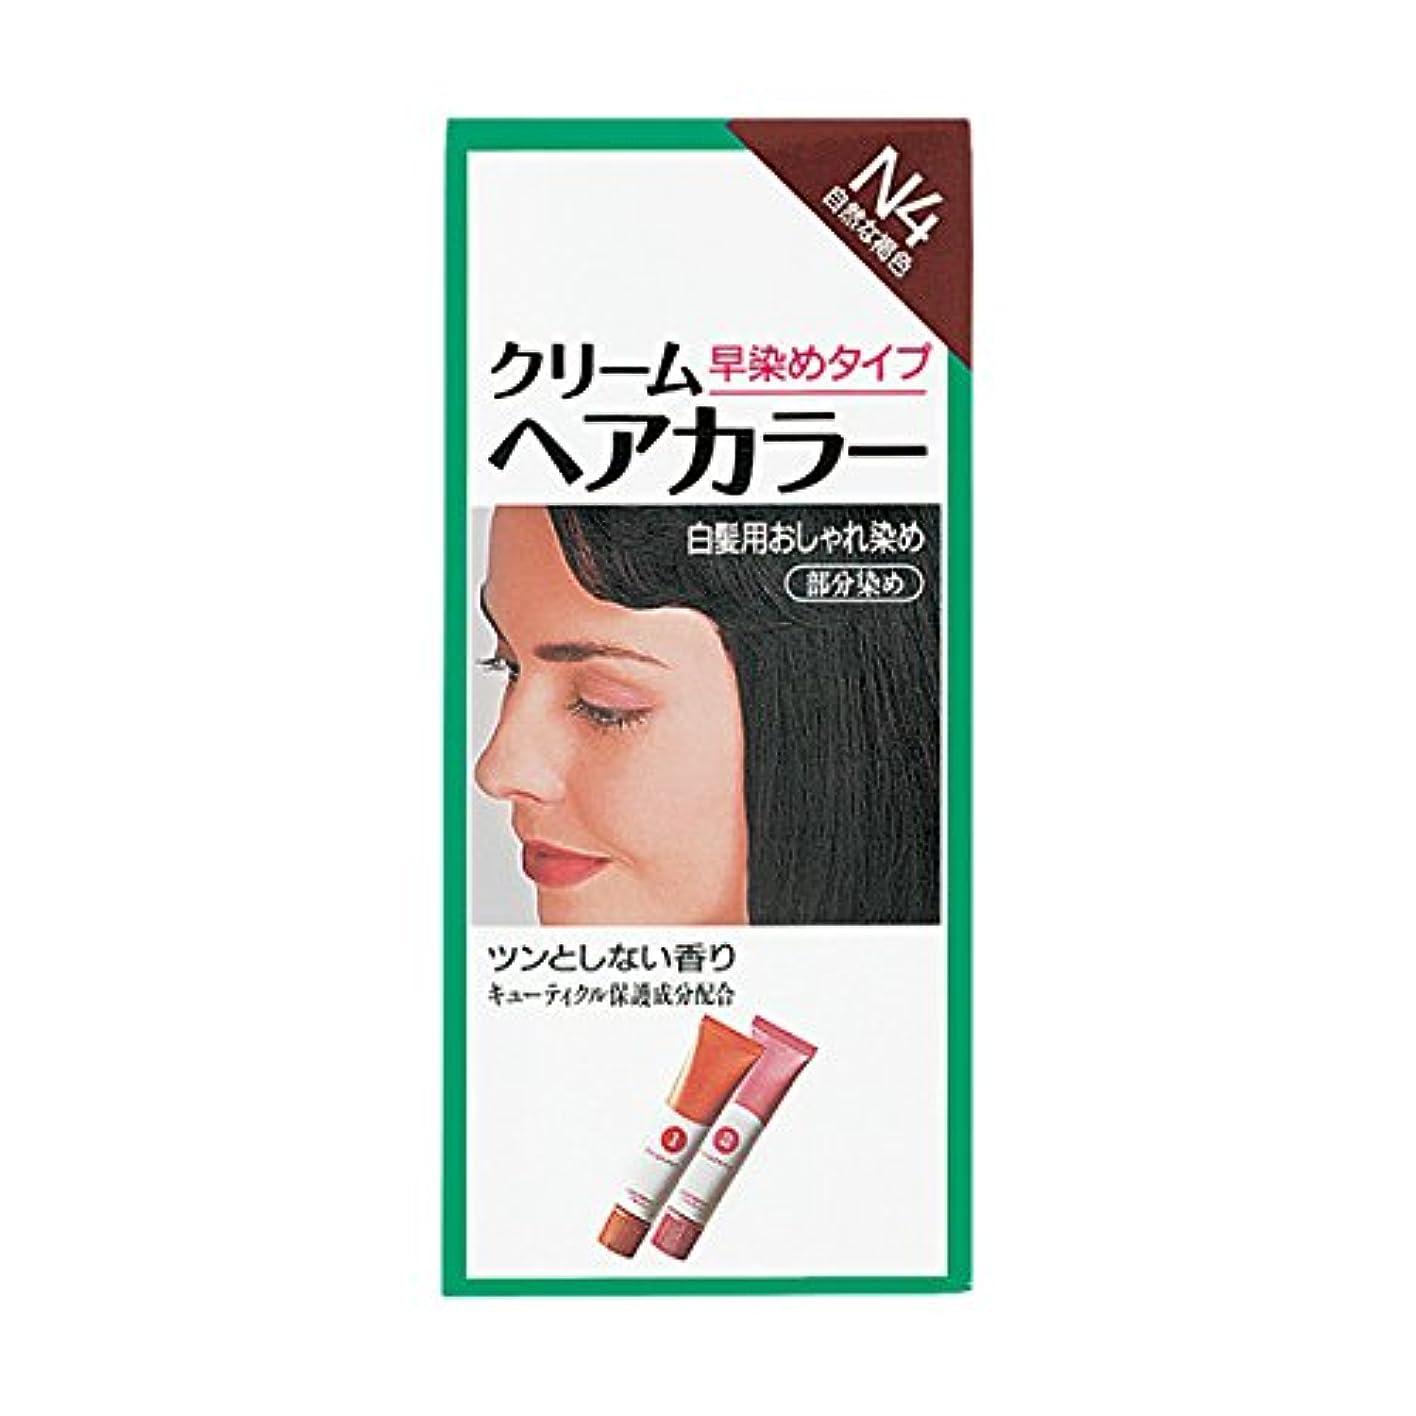 パスタ不振神学校ヘアカラー クリームヘアカラーN N4 【医薬部外品】